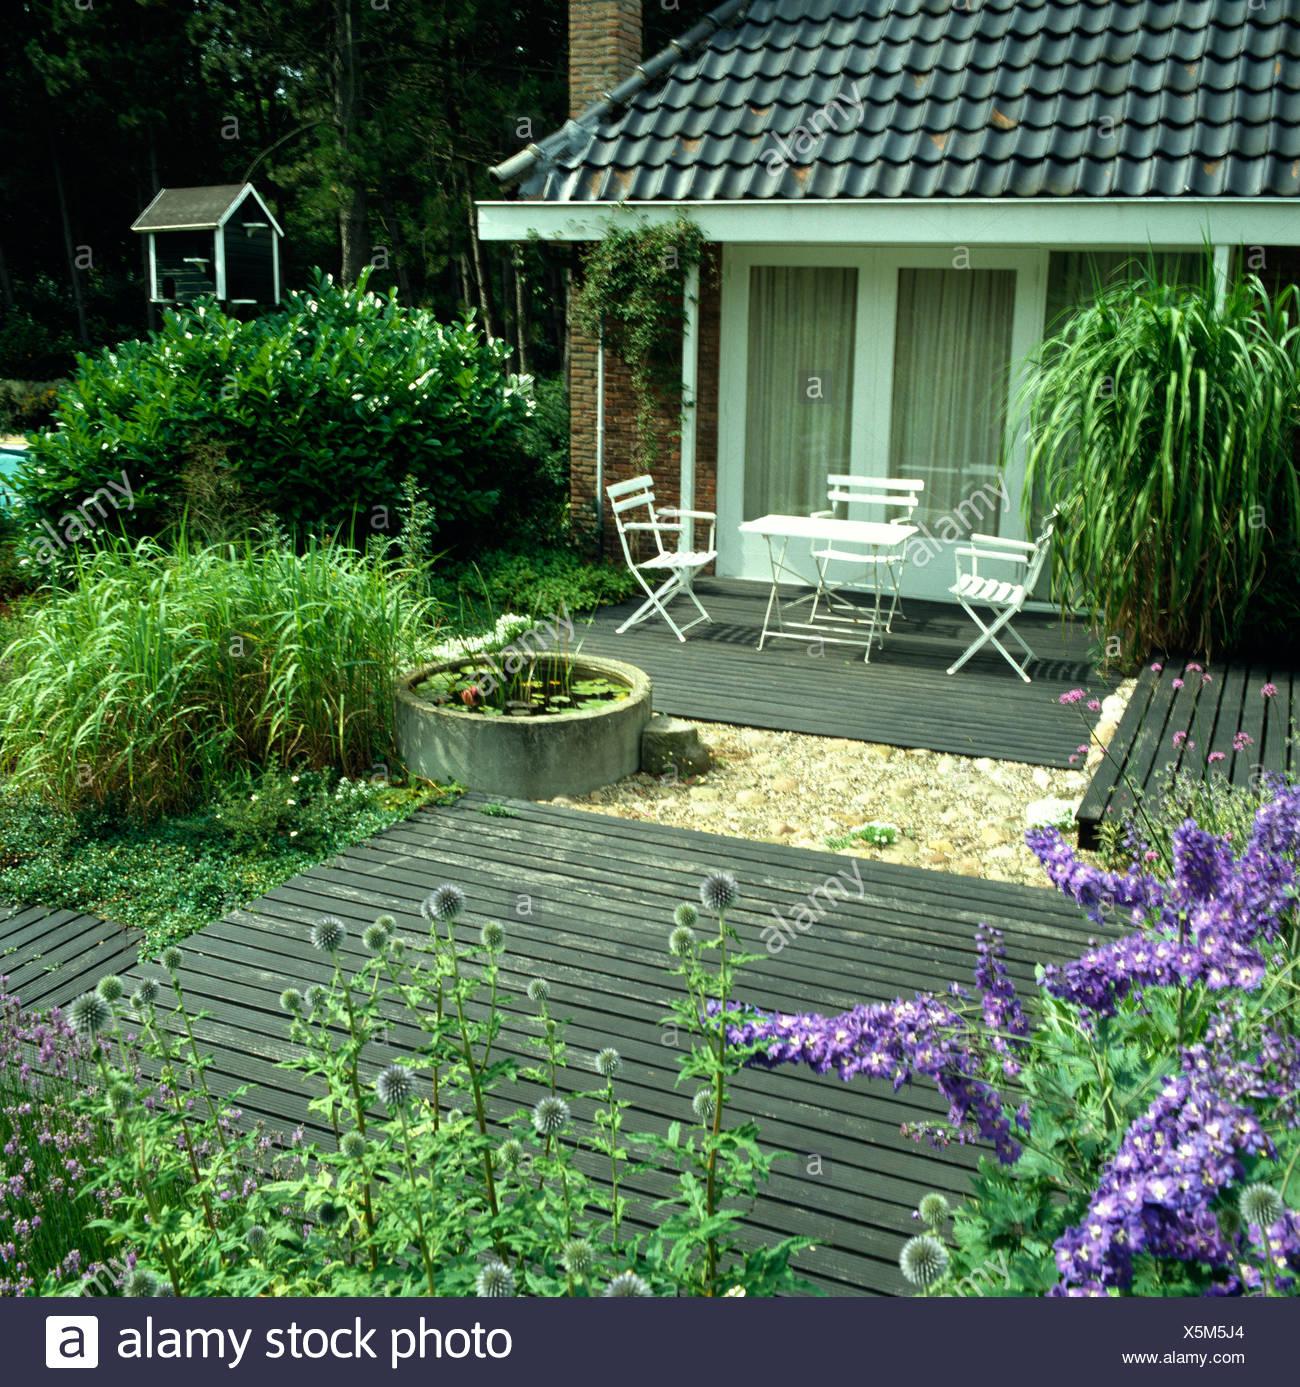 Delphiniums bleus et nepeta dans jardin avec table et ...